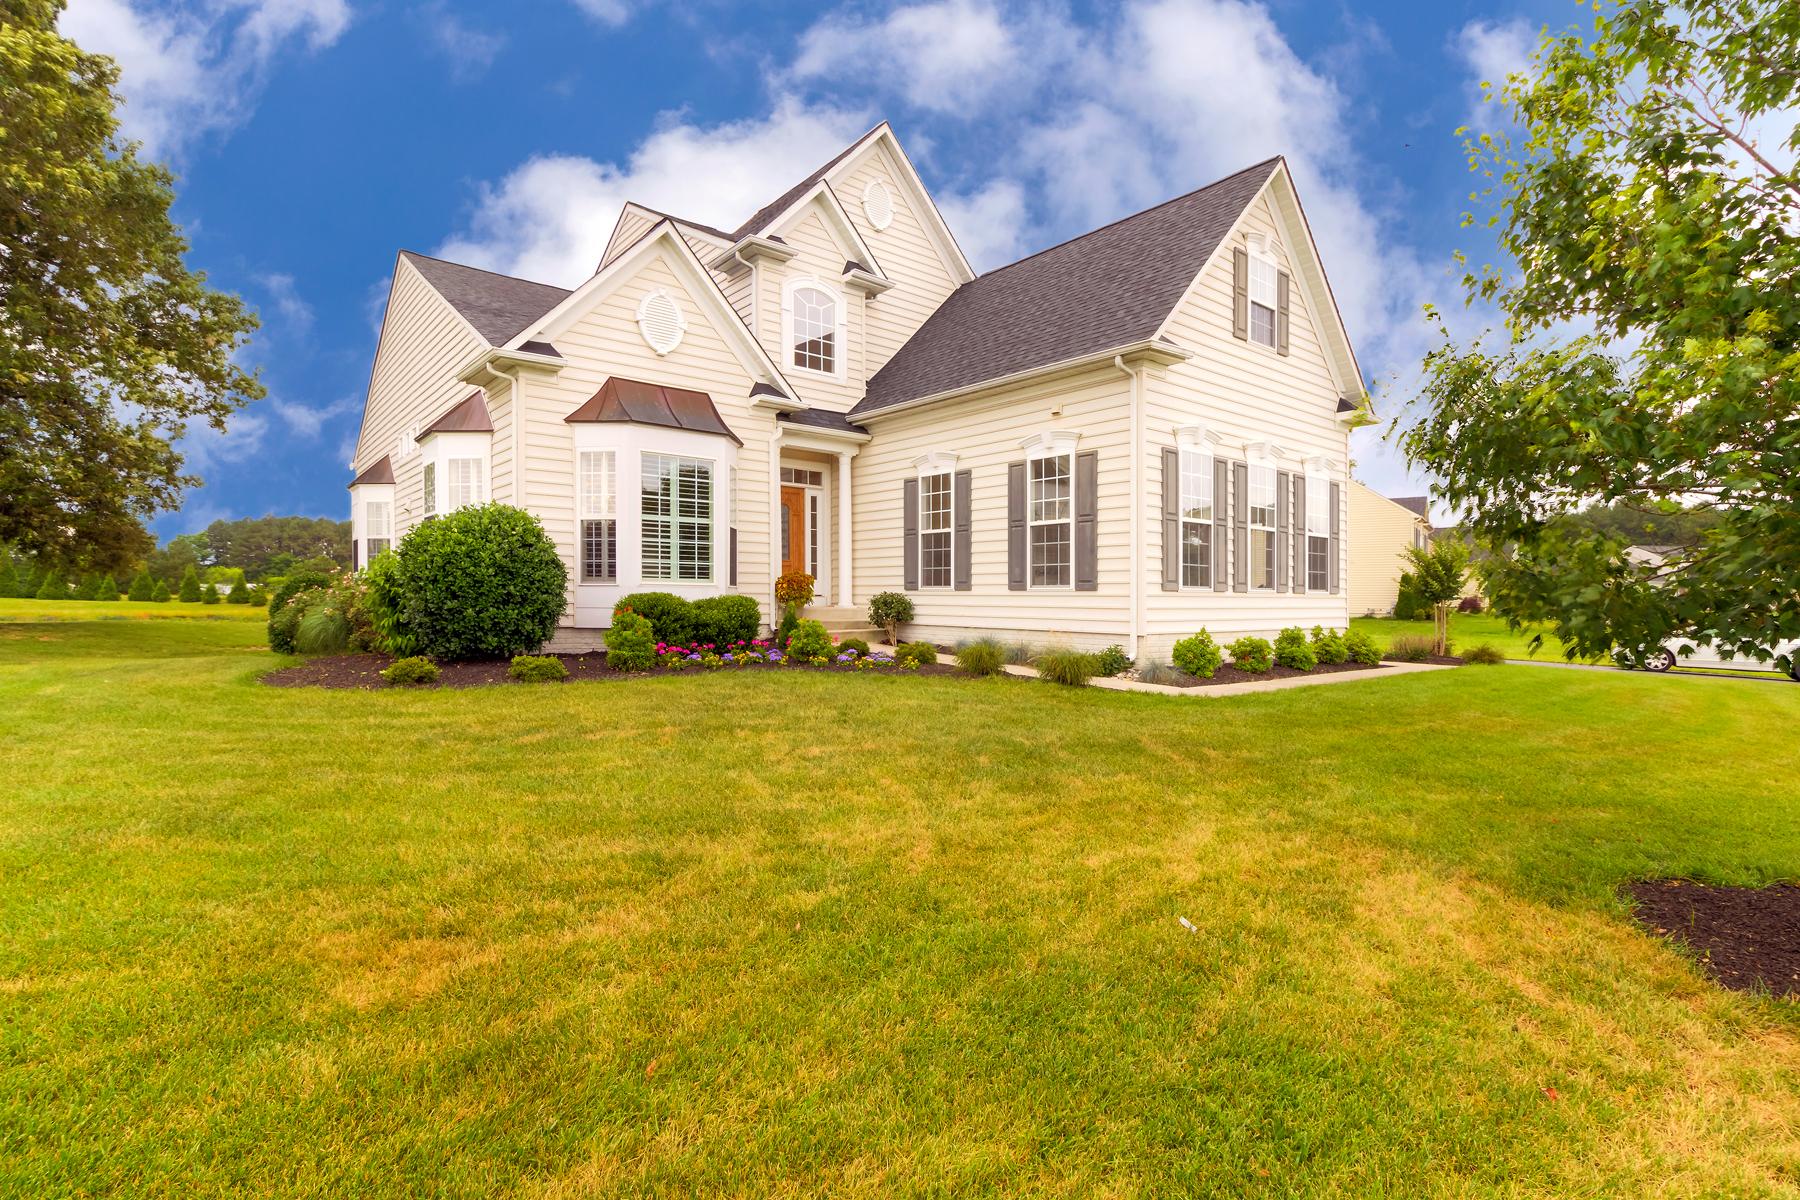 Maison unifamiliale pour l Vente à 27433 Covered Bridge Trail , Harbeson, DE 19951 27433 Covered Bridge Trail Harbeson, Delaware 19951 États-Unis